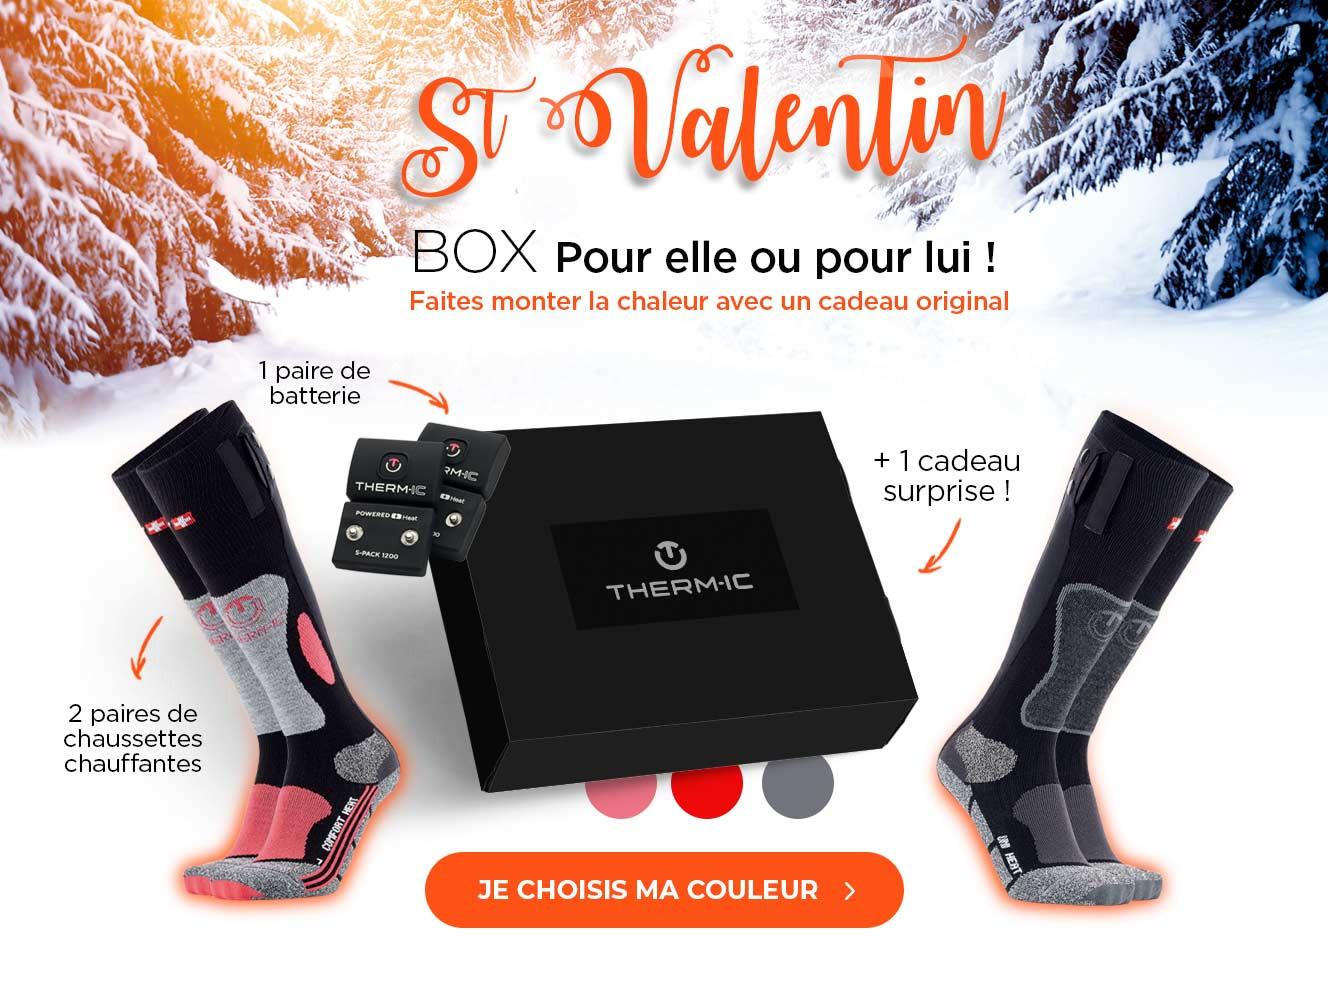 Box St Valentin pour elle ou pour lui